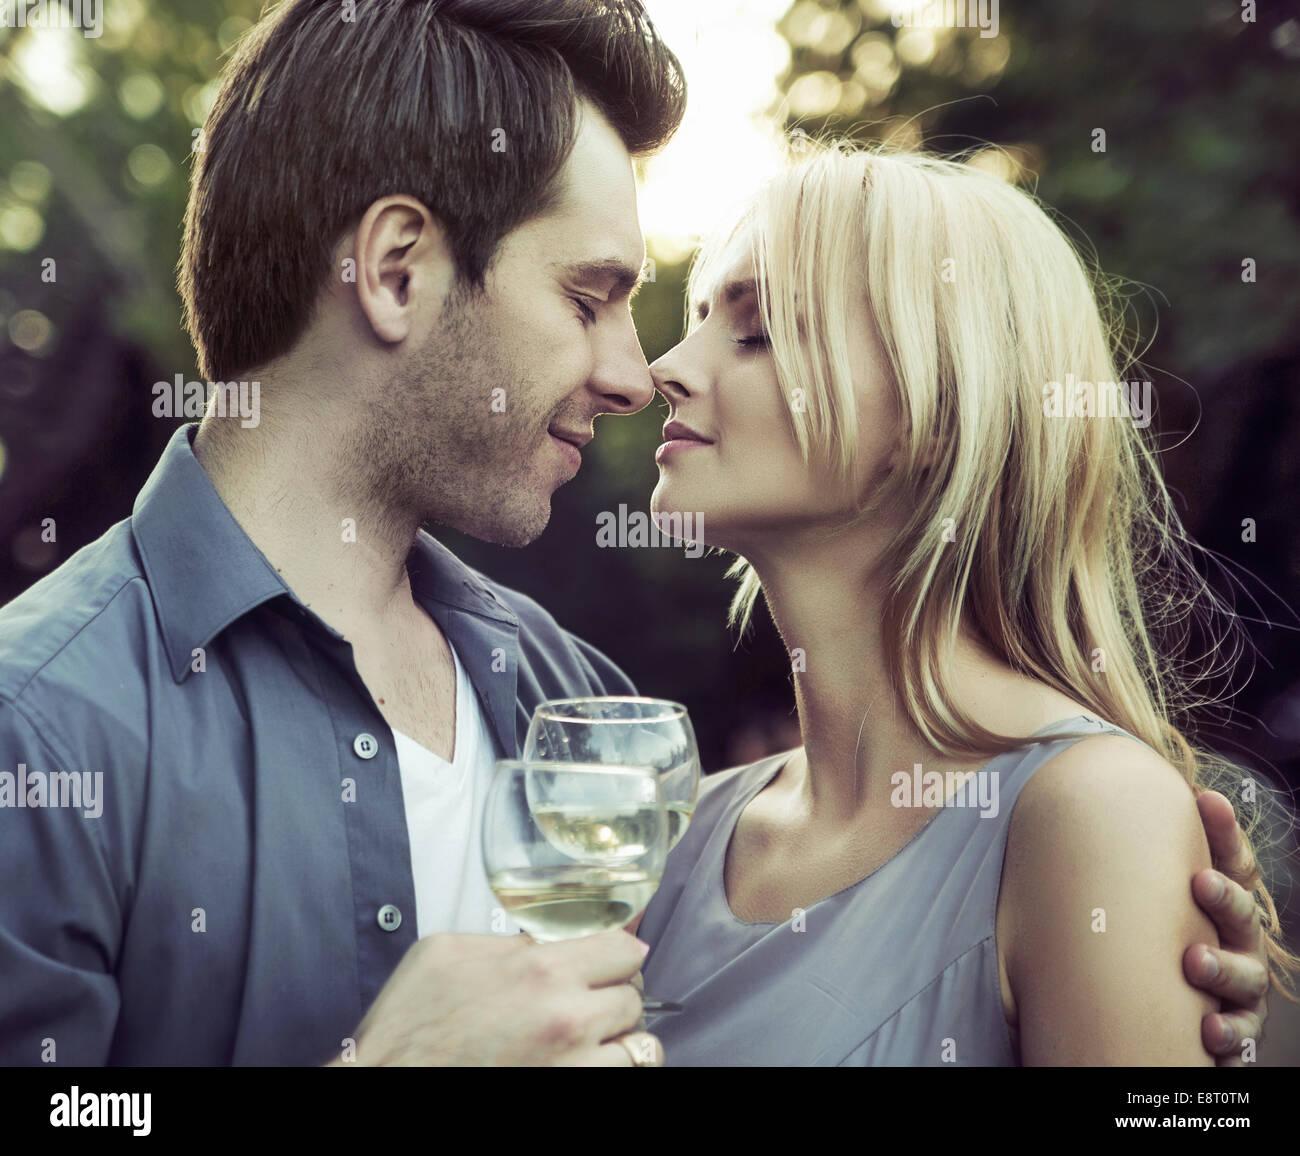 Moment avant de la baiser romantique à la date Photo Stock